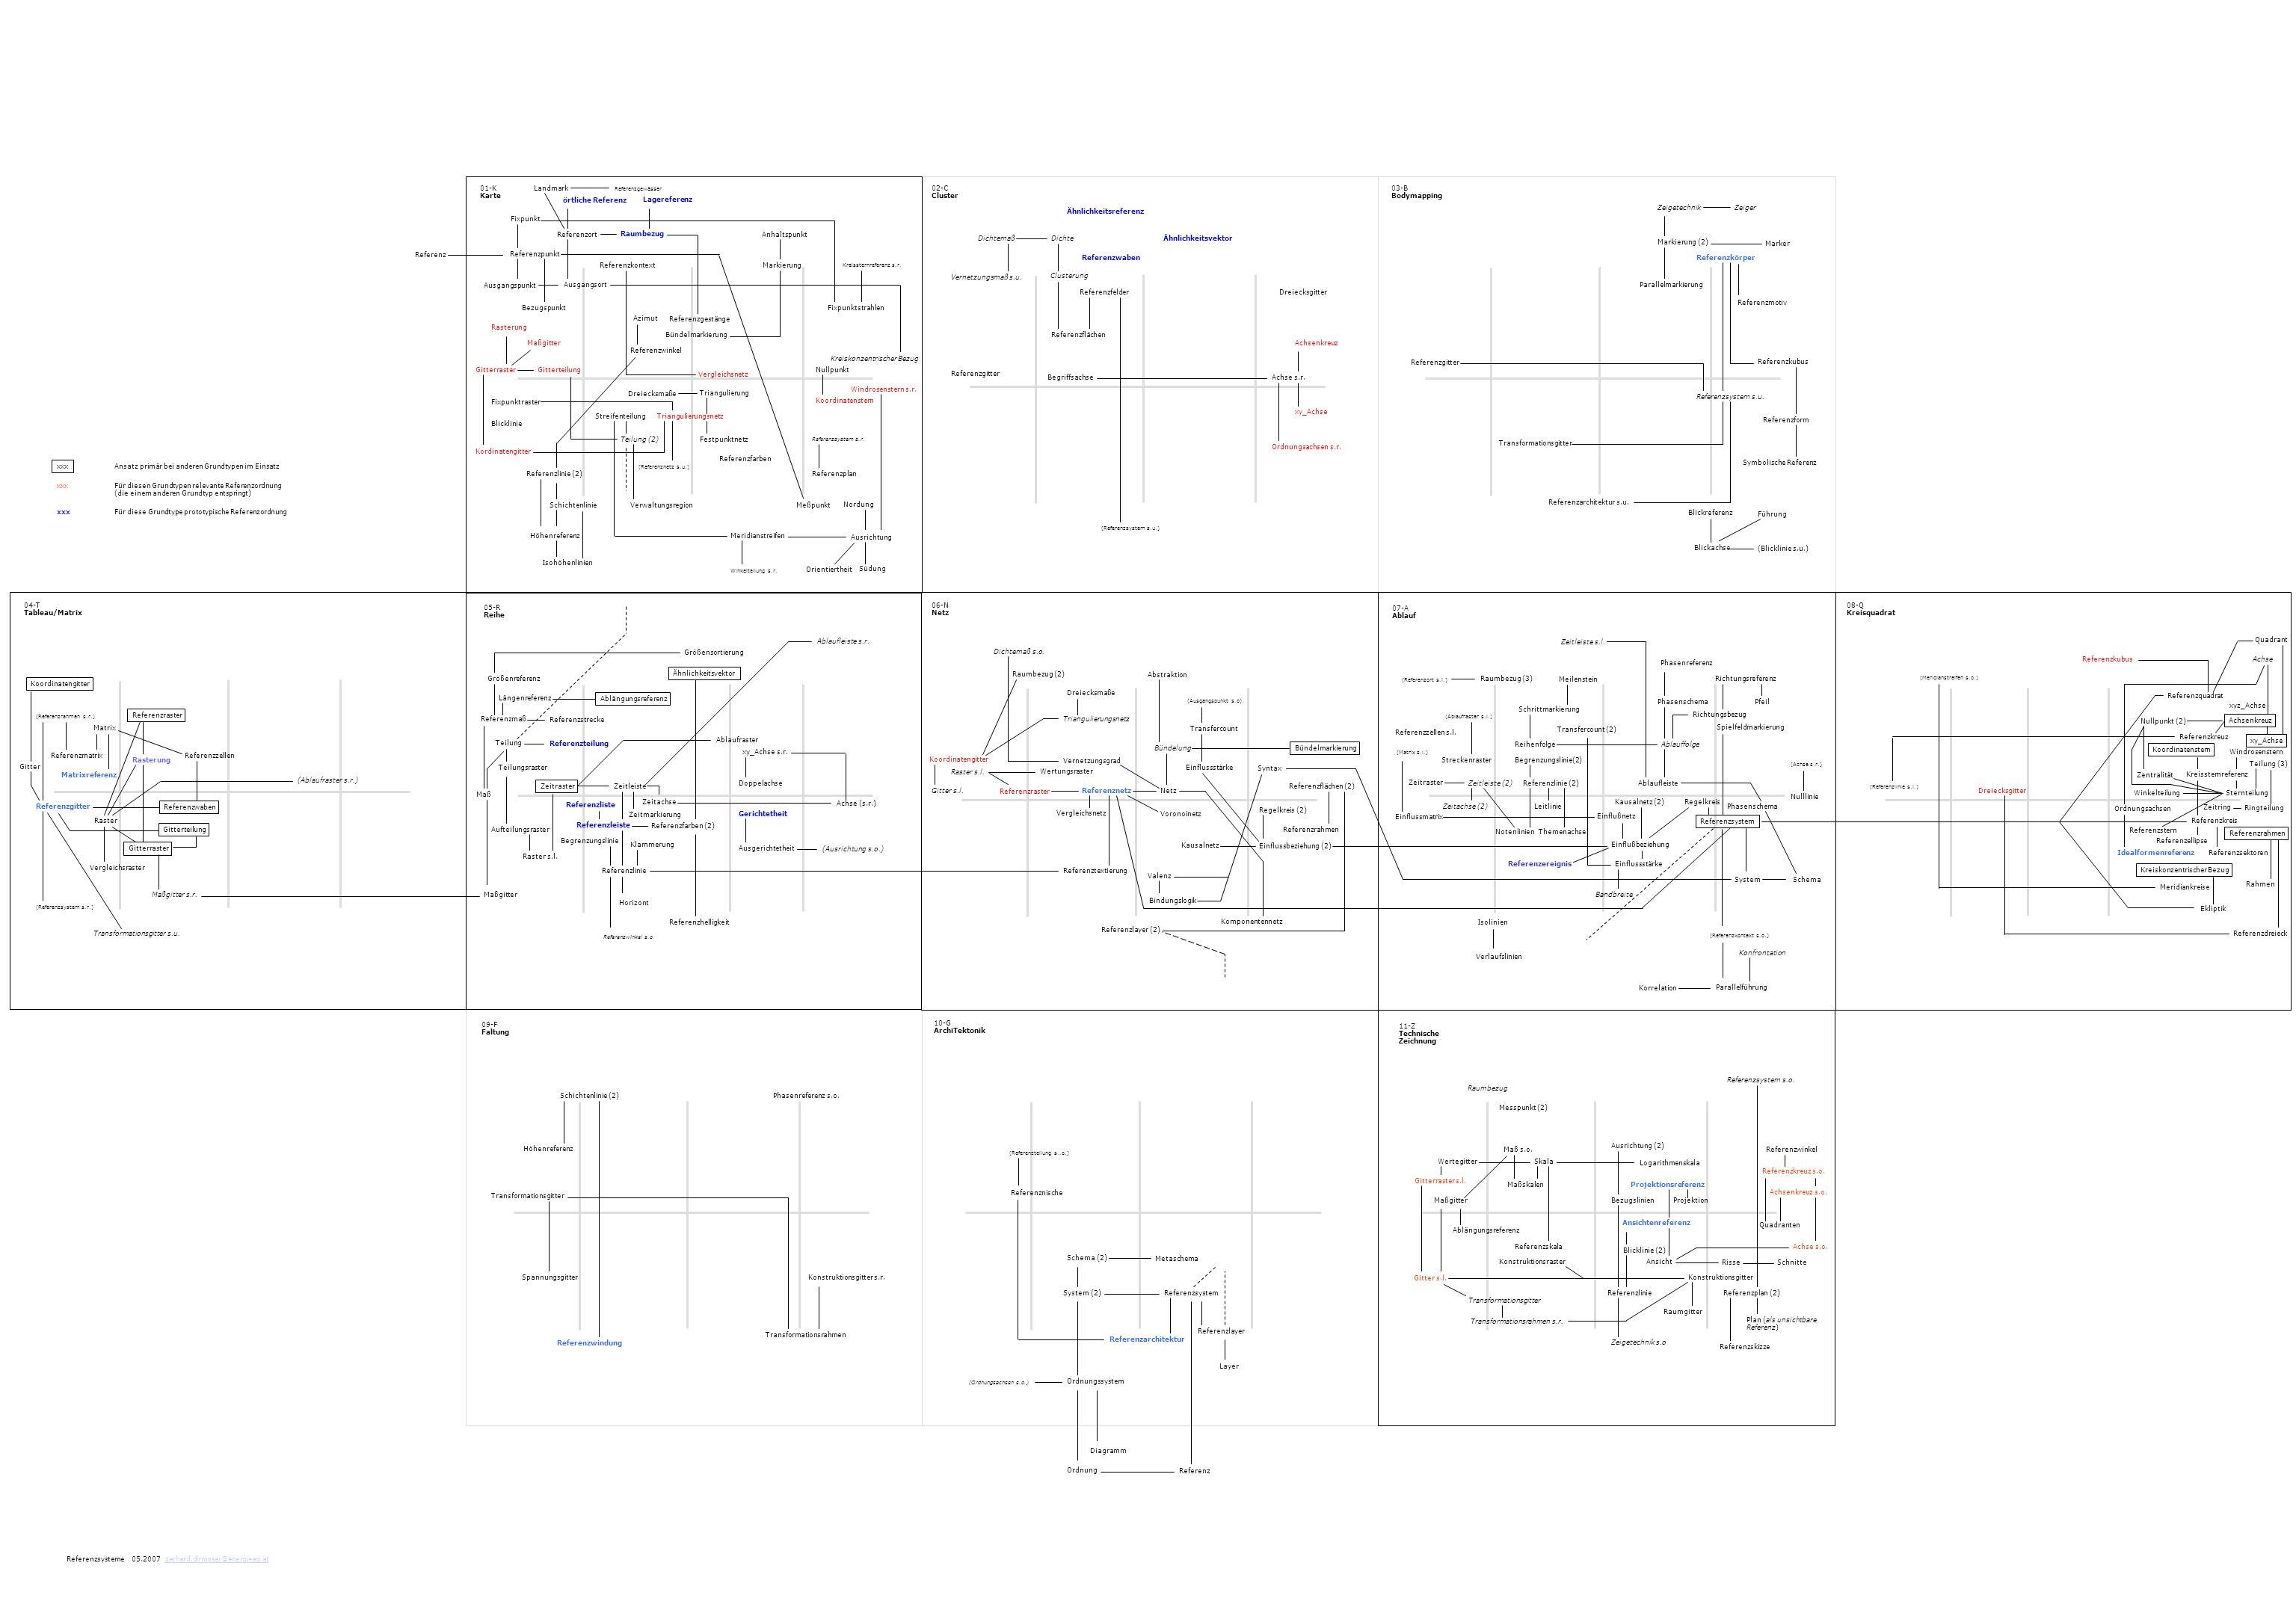 Verwaltungsregion Achsenkreuz Markierung (2) Referenzmatrix Phasenschema Transformationsgitter Referenzsystem Quadranten 02-C Cluster Ähnlichkeitsrefe